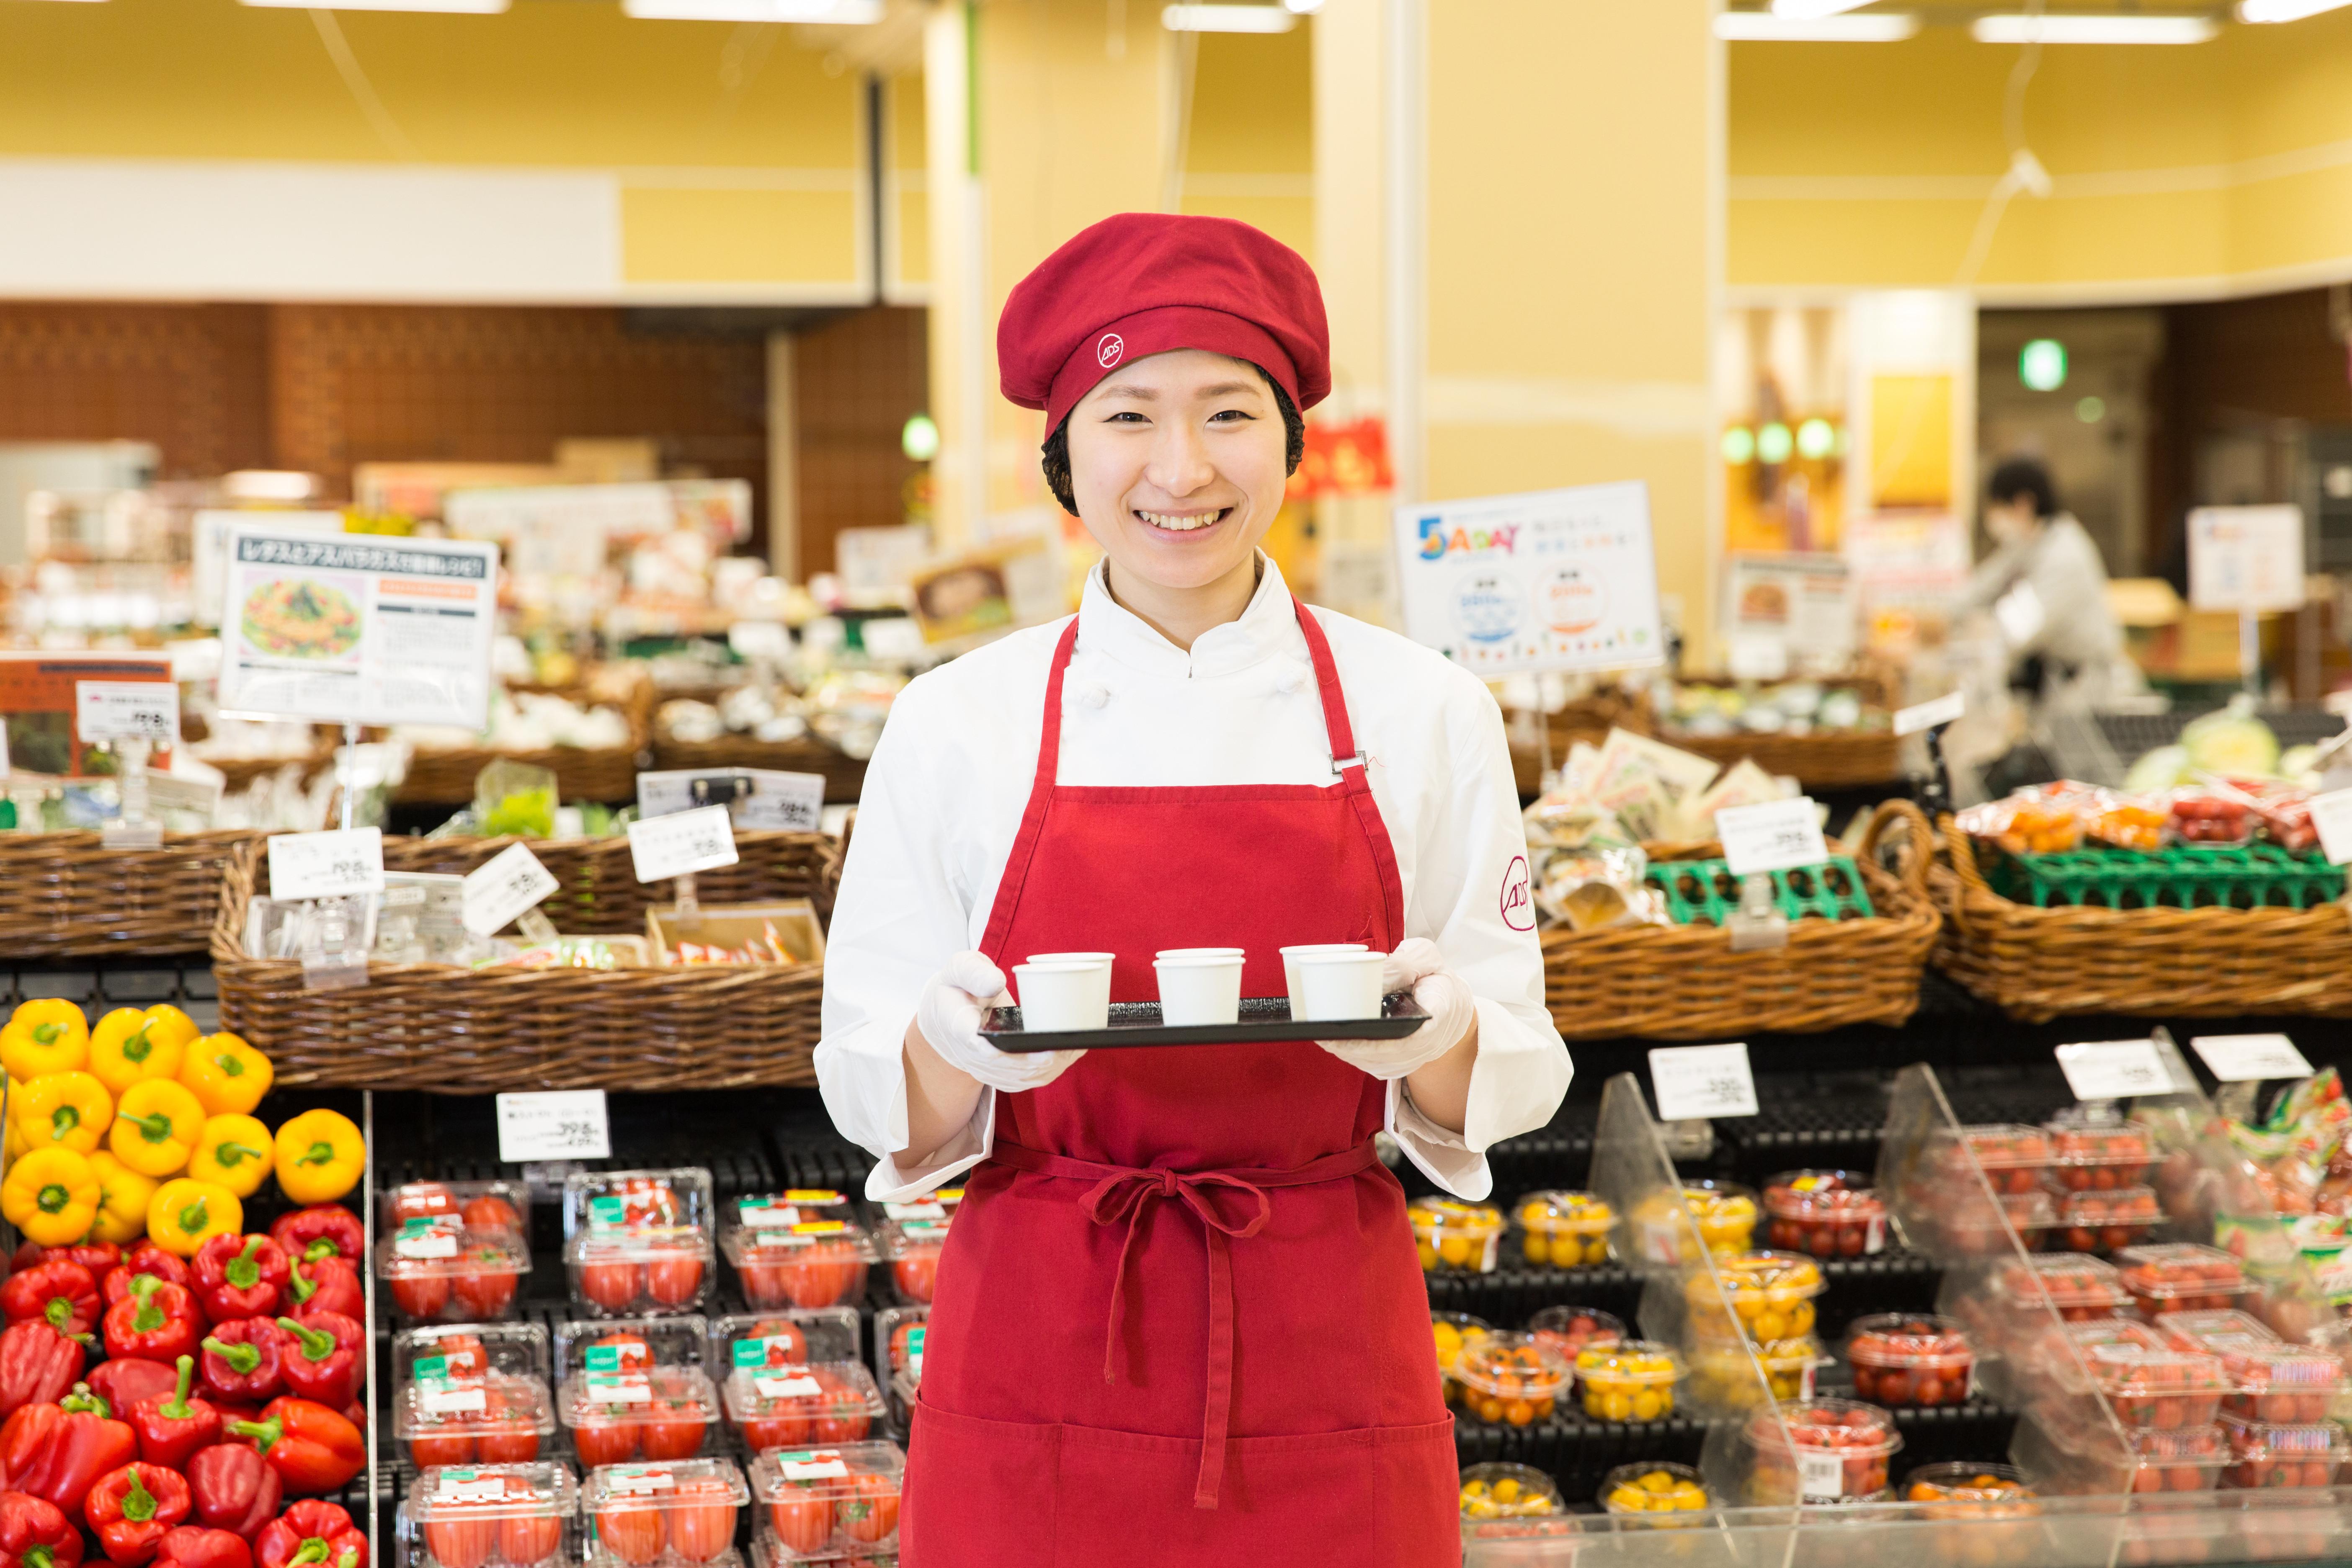 イオン 姫路店 のアルバイト情報